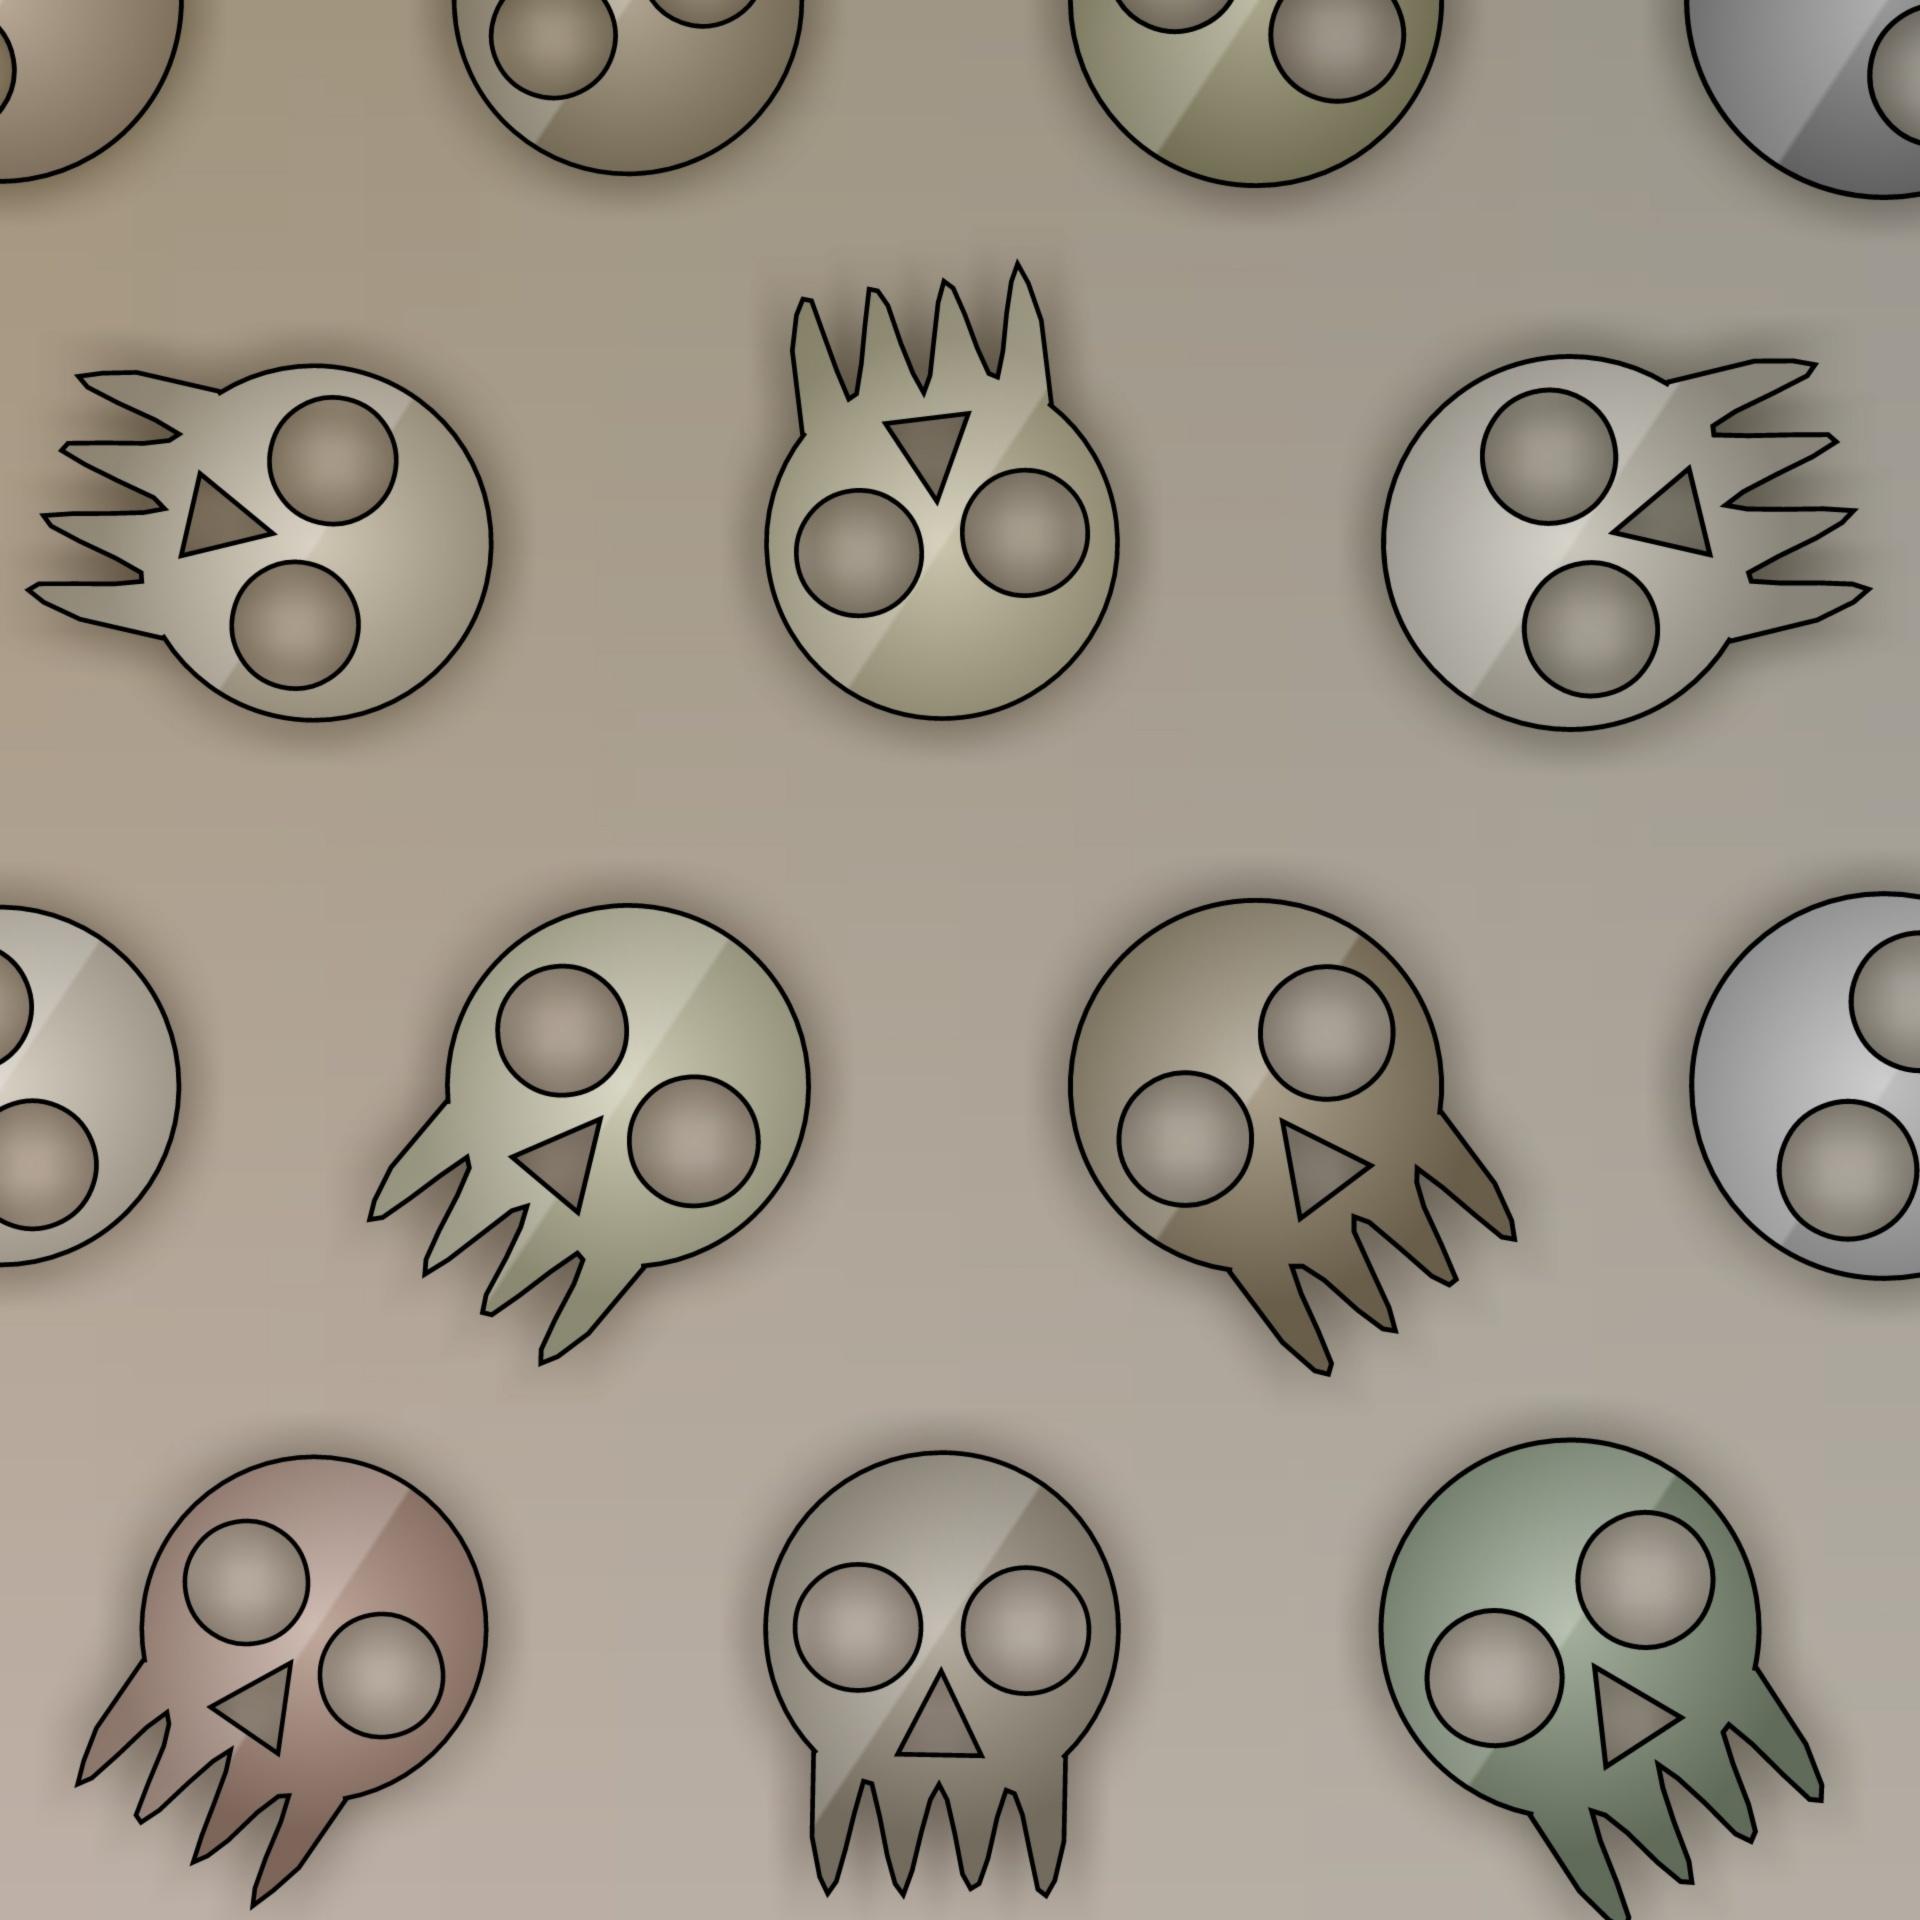 Wallpaperskullsdesignpatternart Free Image From